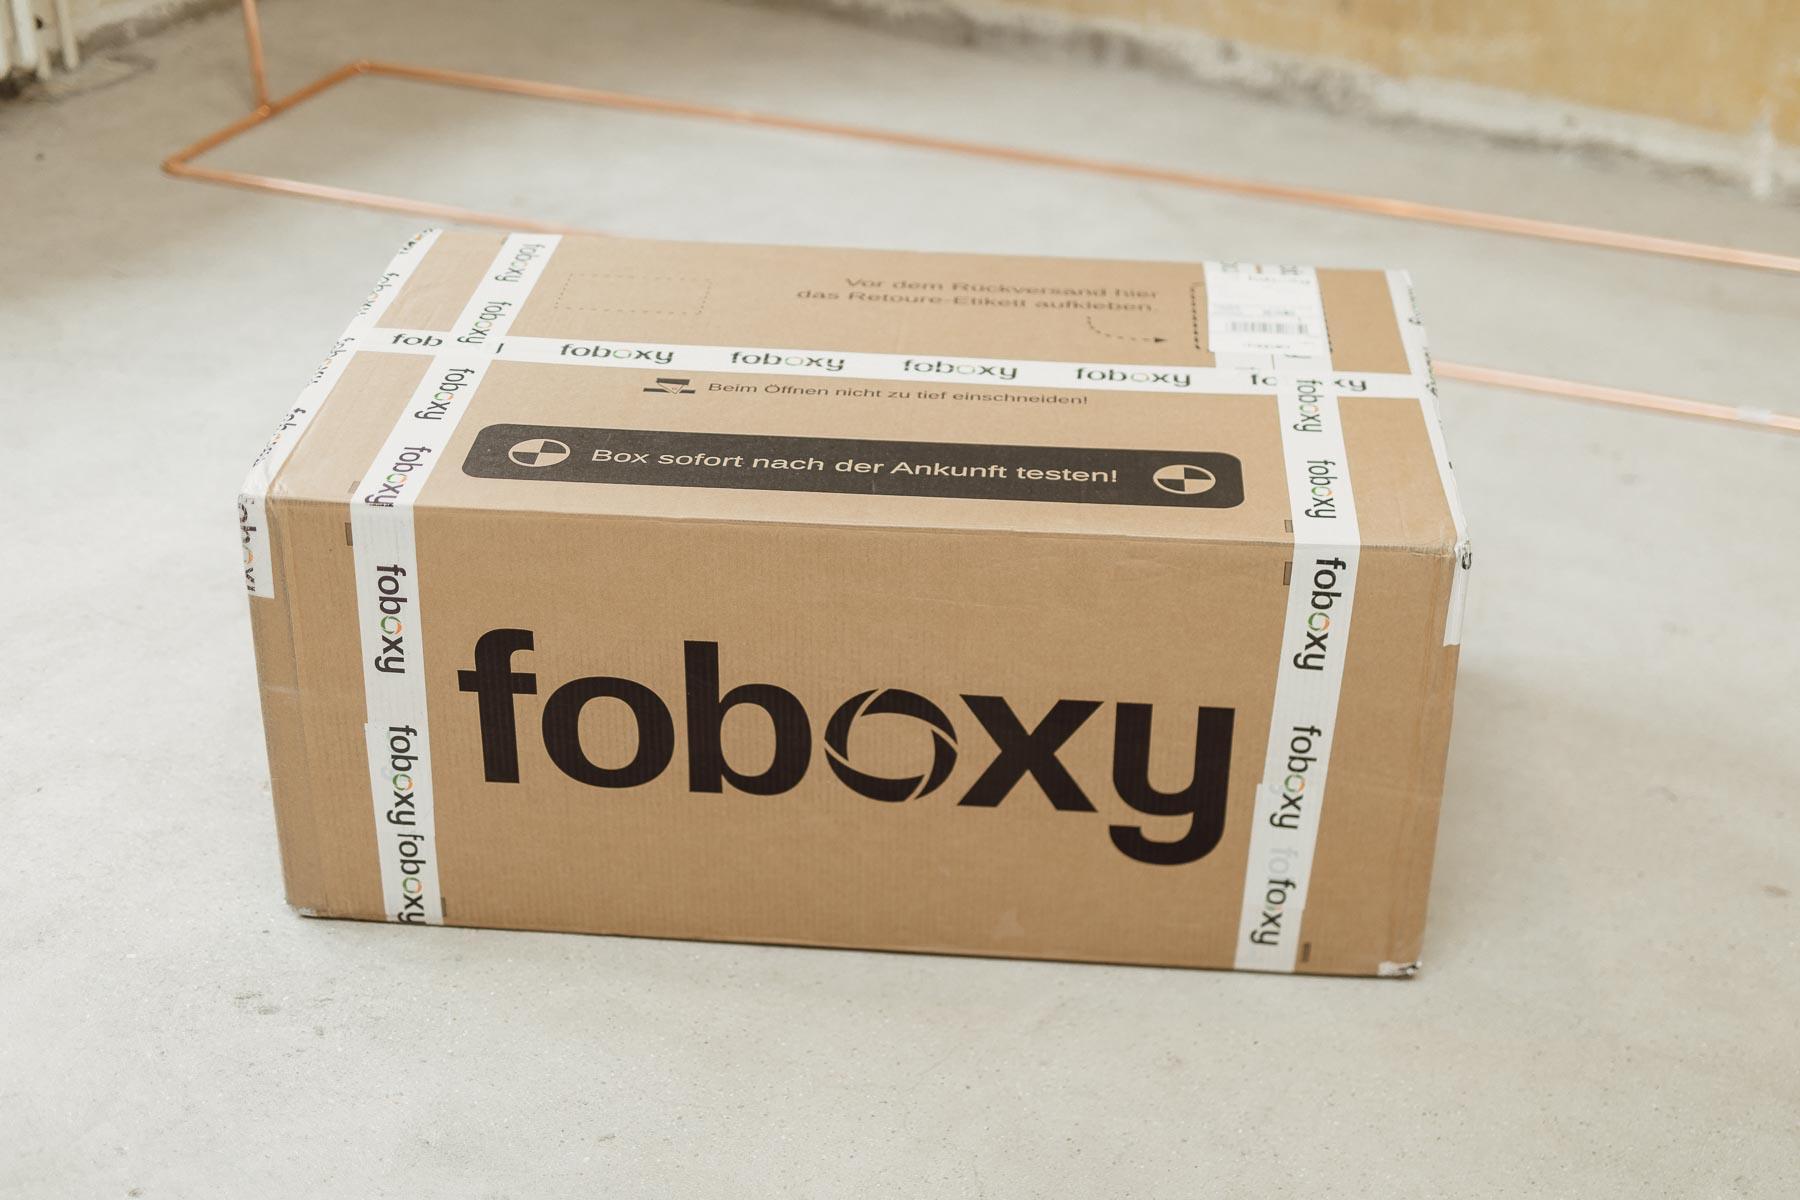 Das große Paket von foboxy